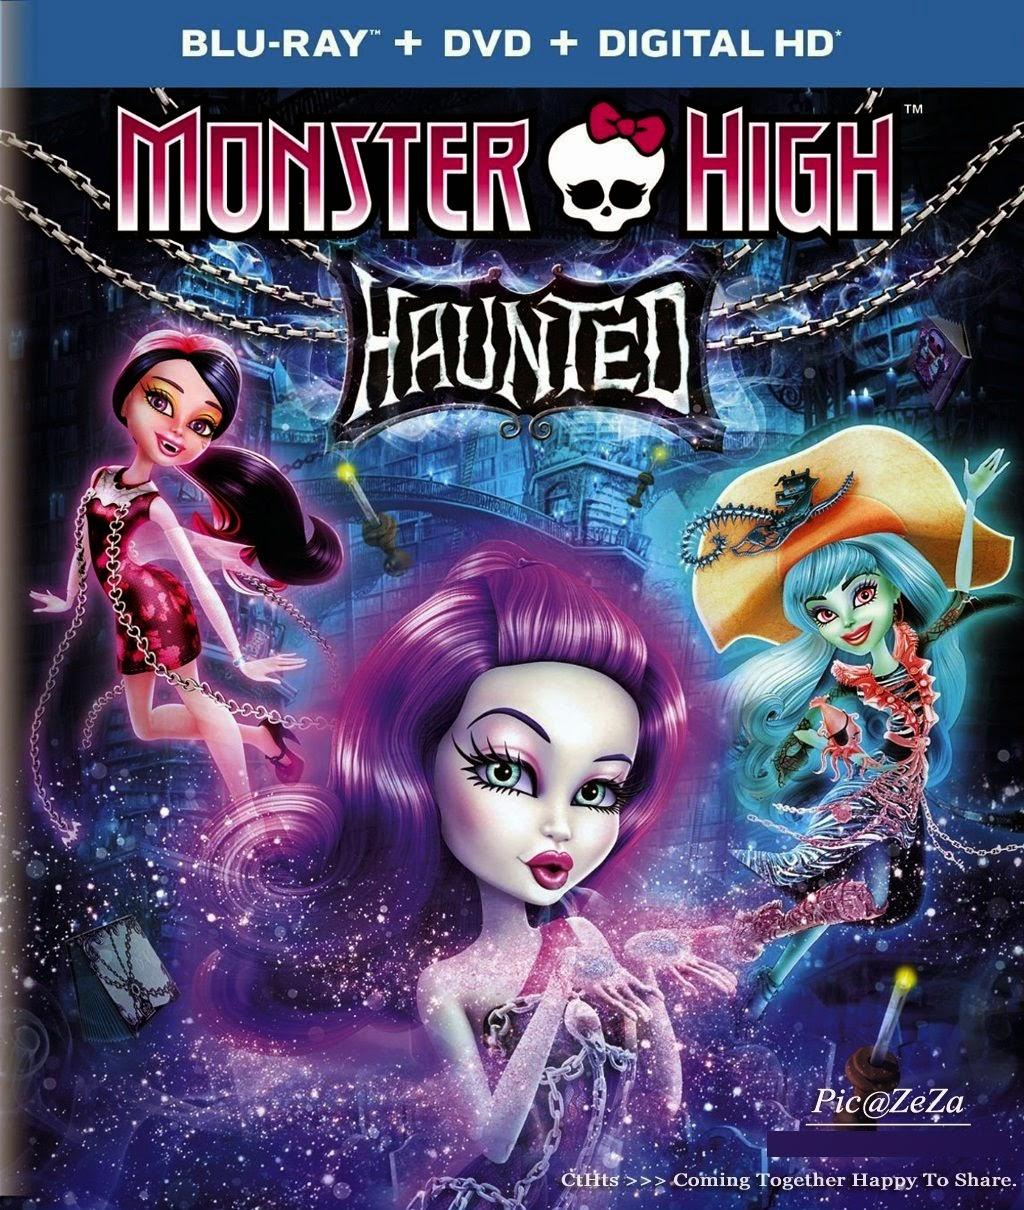 ดูการ์ตูน Monster High: Haunted มอนสเตอร์ ไฮ: หลอน